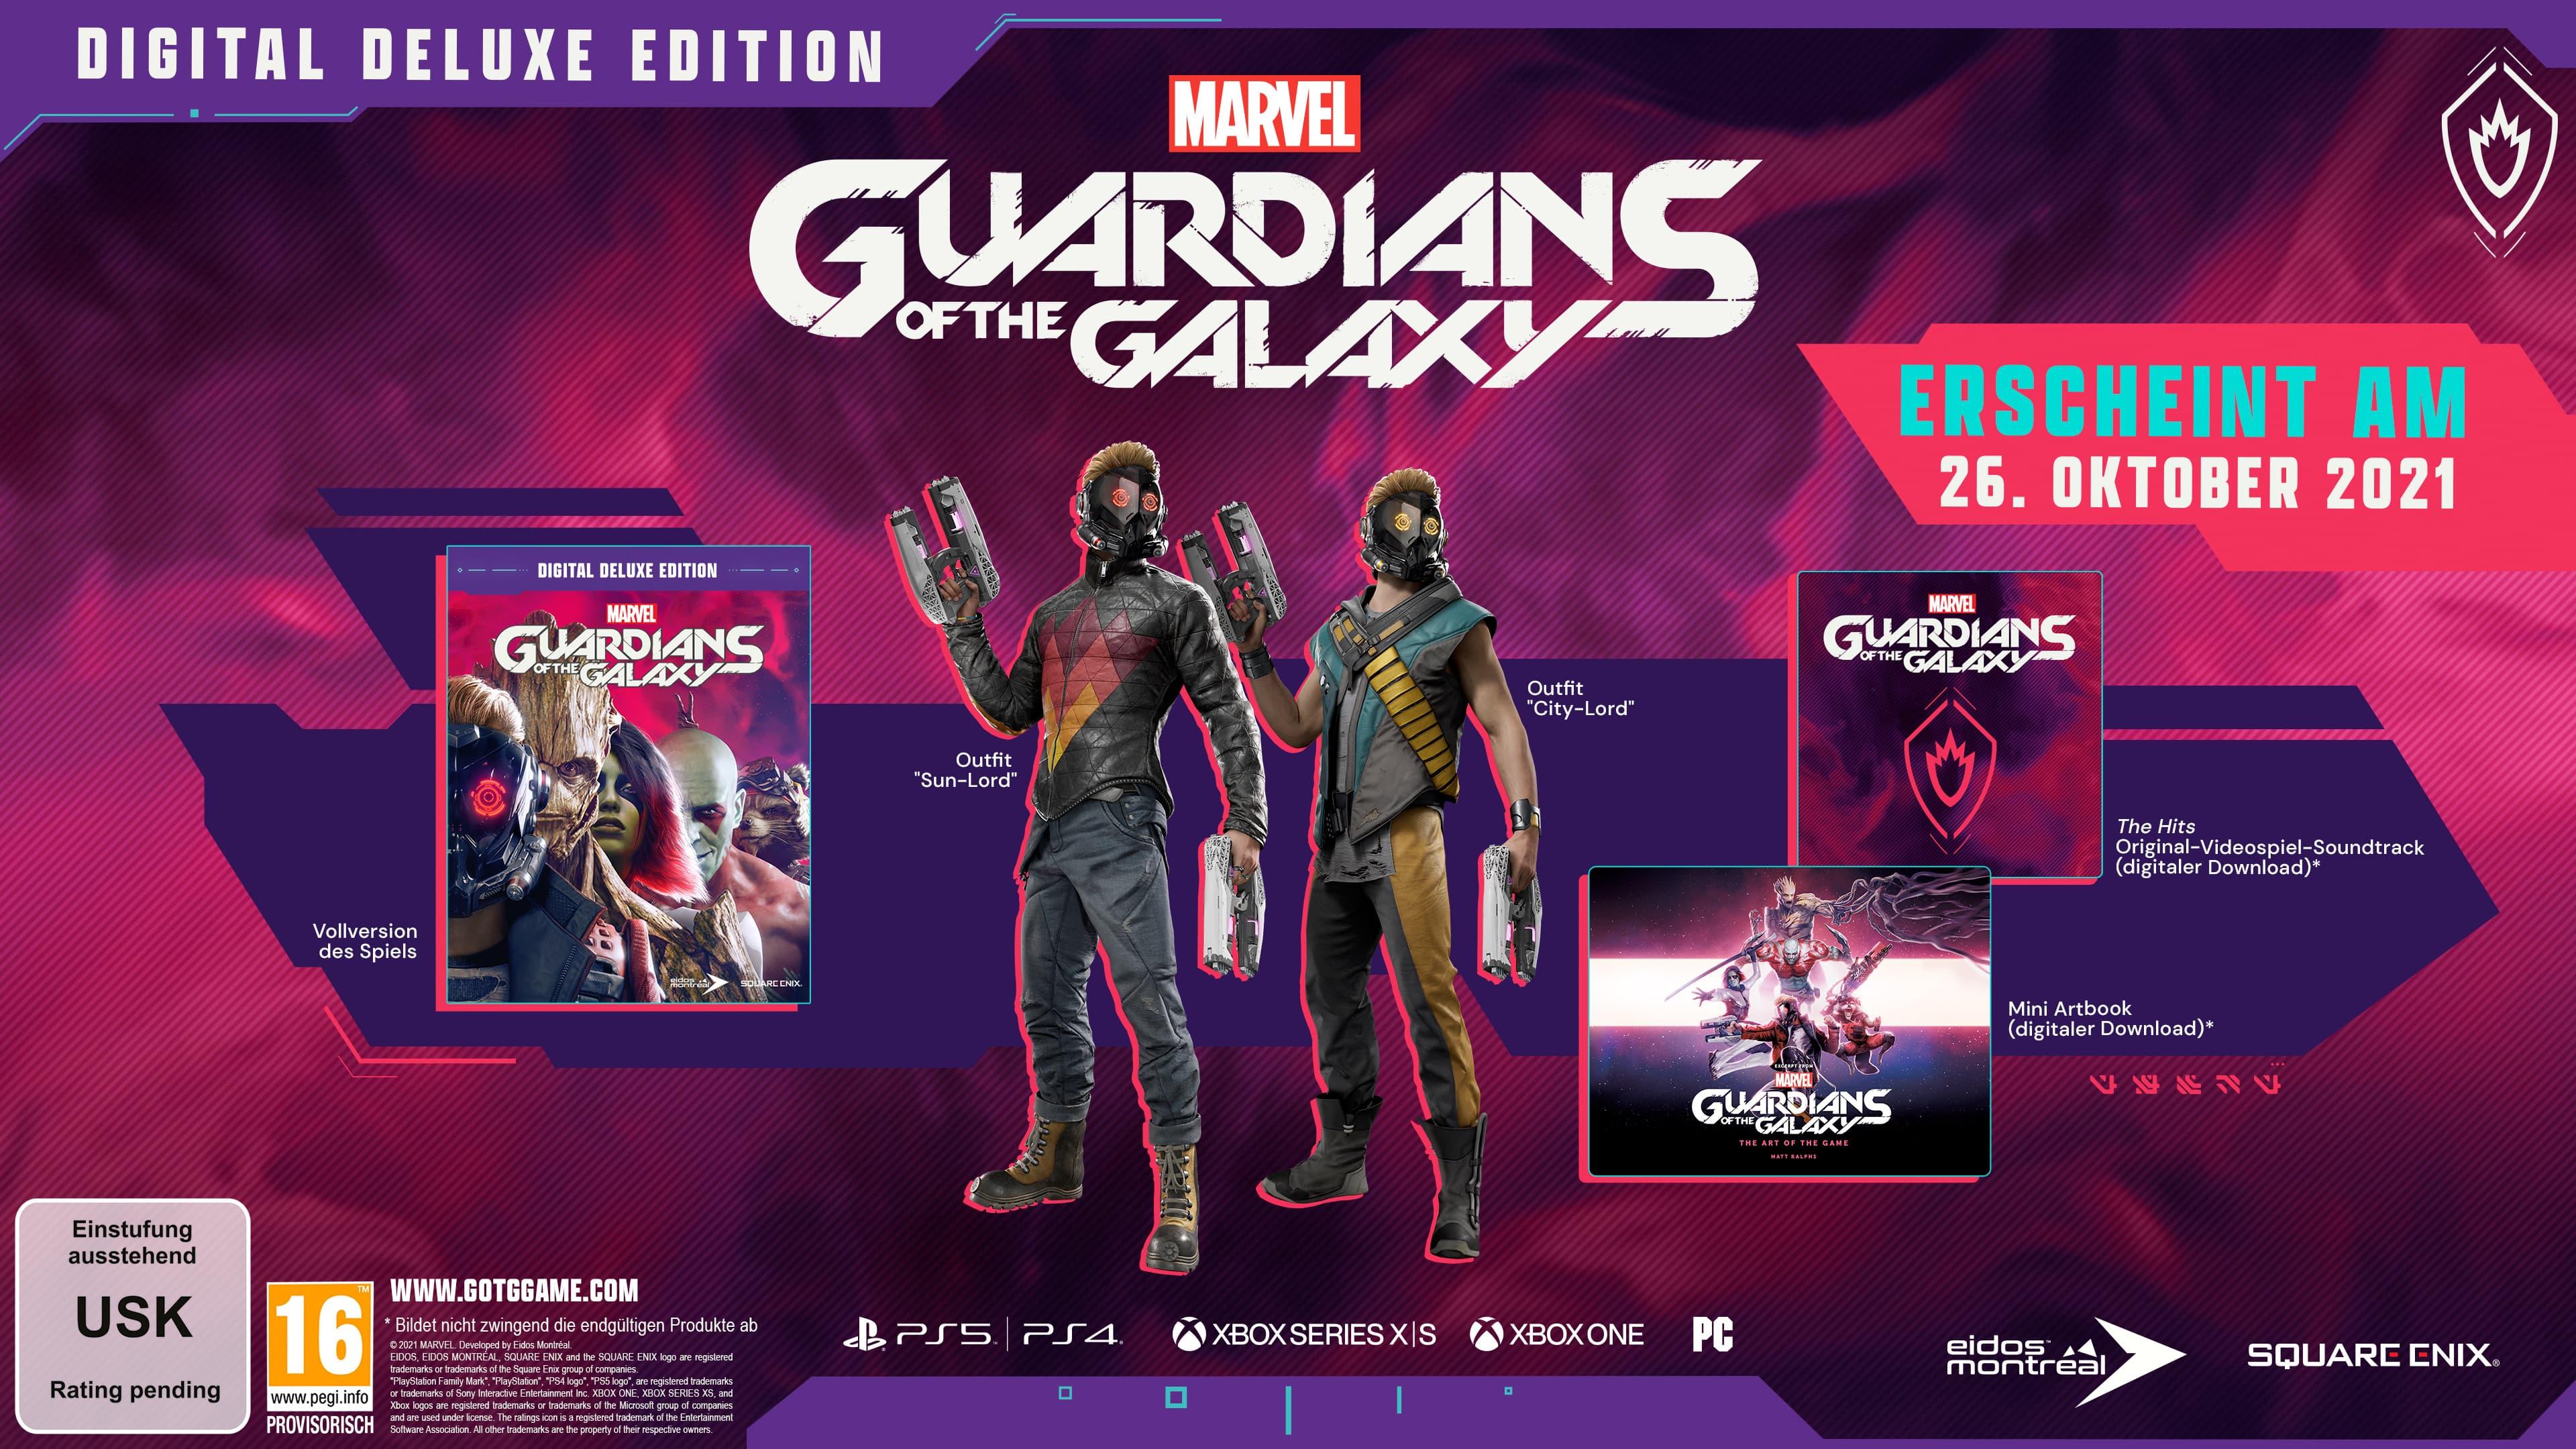 Inhalt der Digital Deluxe Edition von Marvel's Guardians of the Galaxy